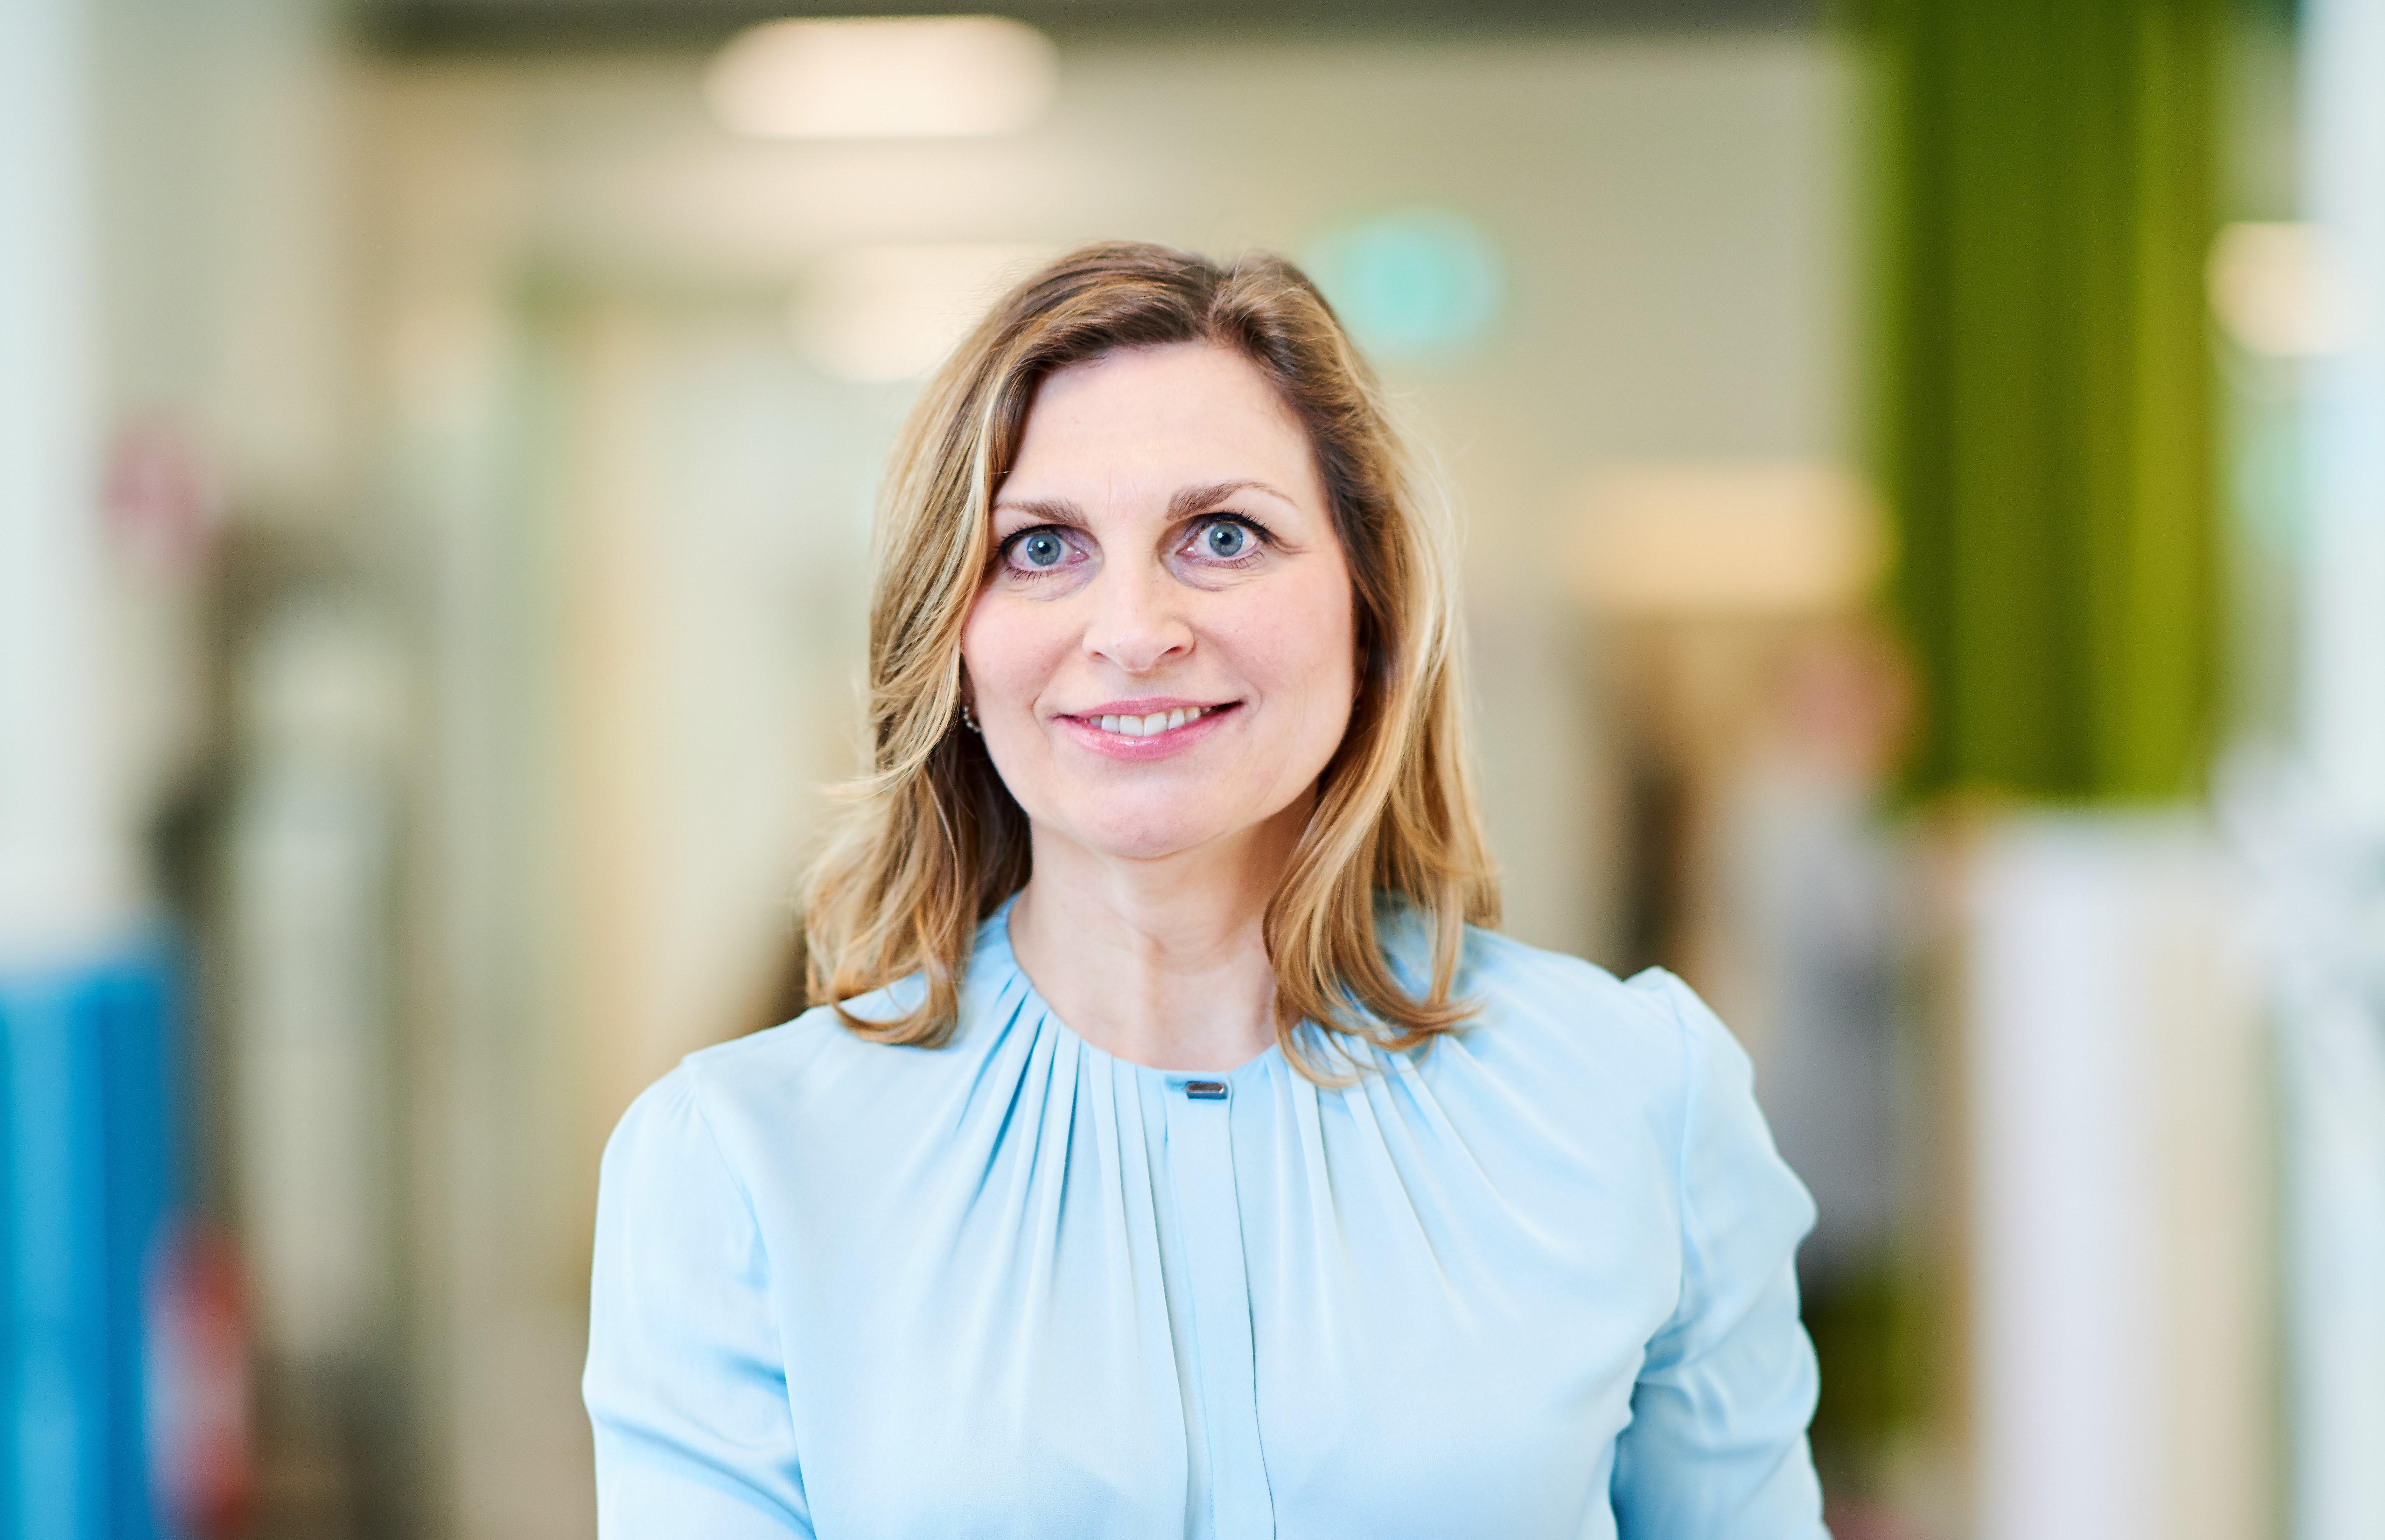 Anbud365: Svenske, innovative anskaffelser: 8 suksessfaktorer, ni utfordringer